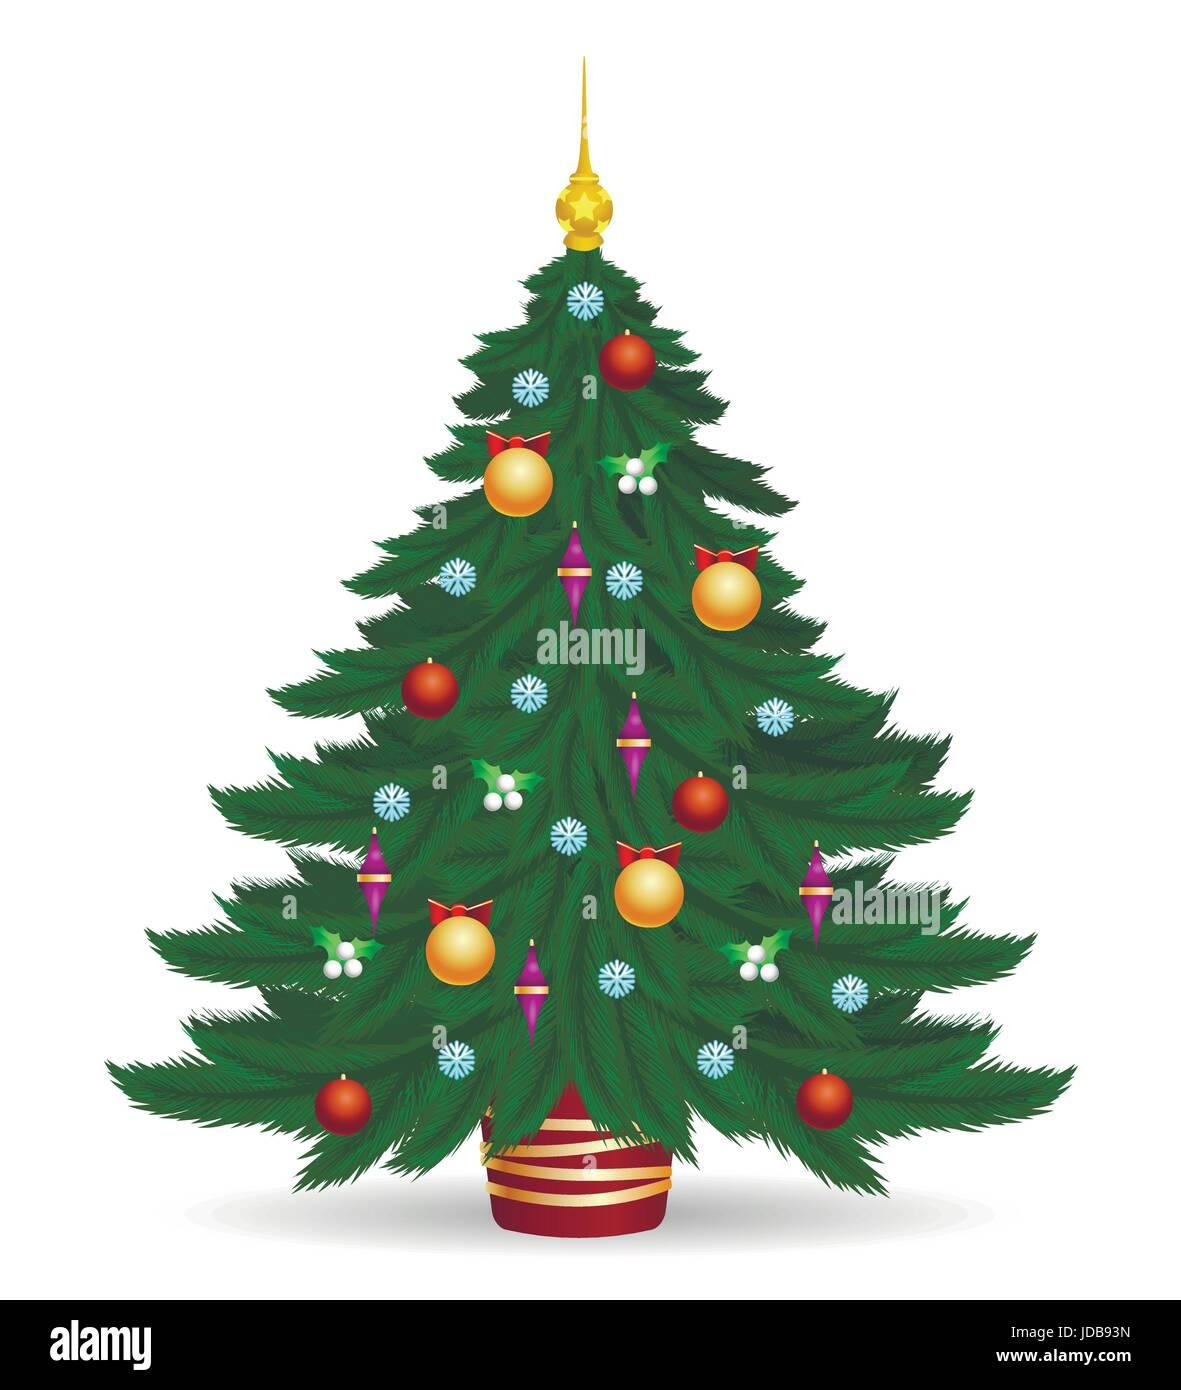 Immagini Di Natale Colorate.Albero Di Natale Illustrazione Vettoriale Decorate I